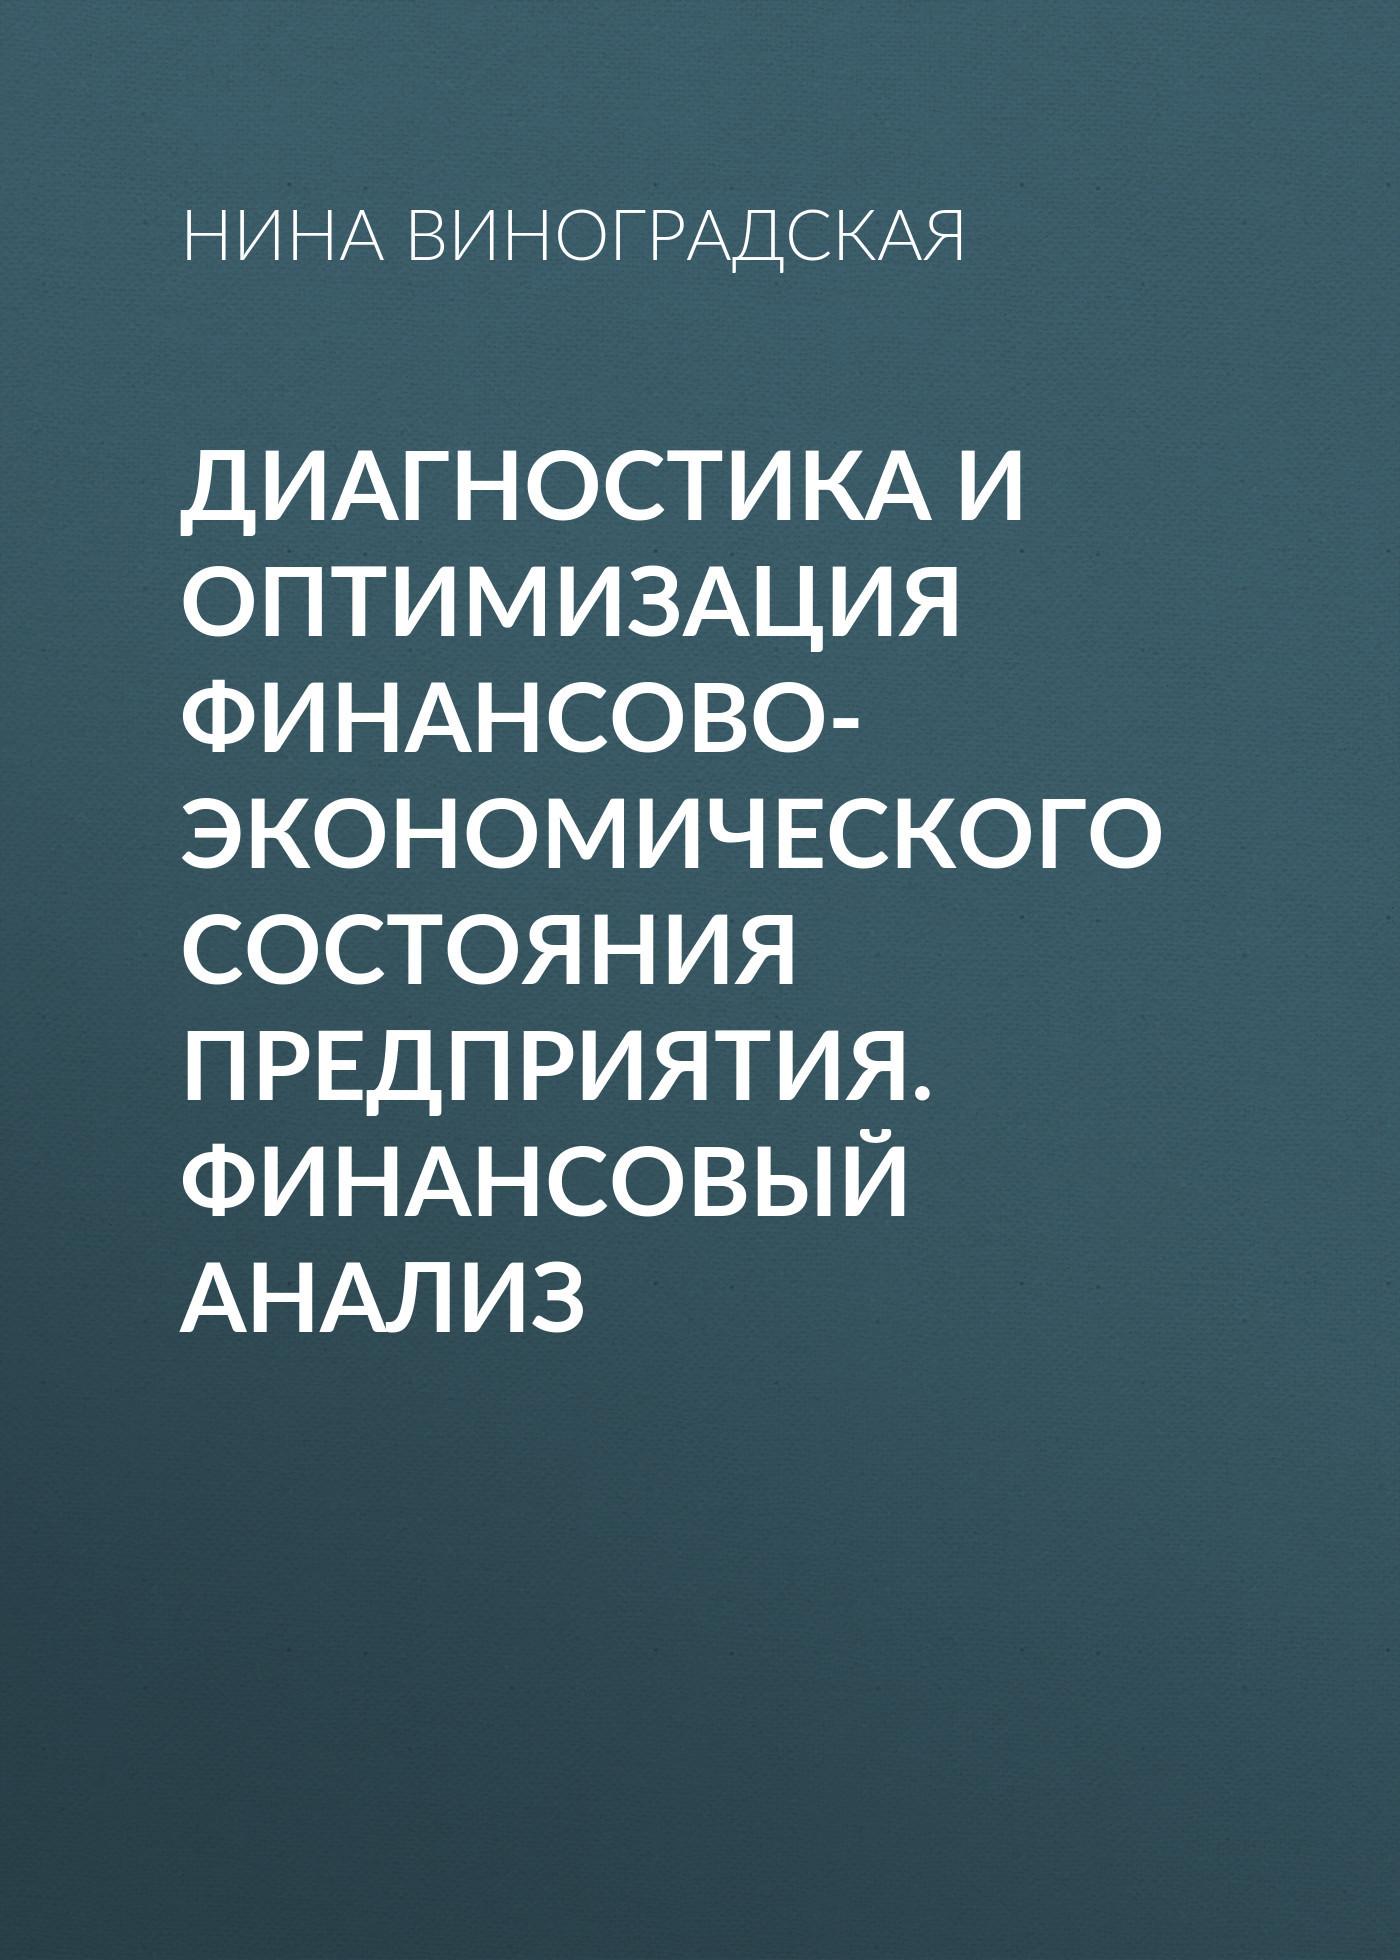 Нина Виноградская Диагностика и оптимизация финансово-экономического состояния предприятия. Финансовый анализ